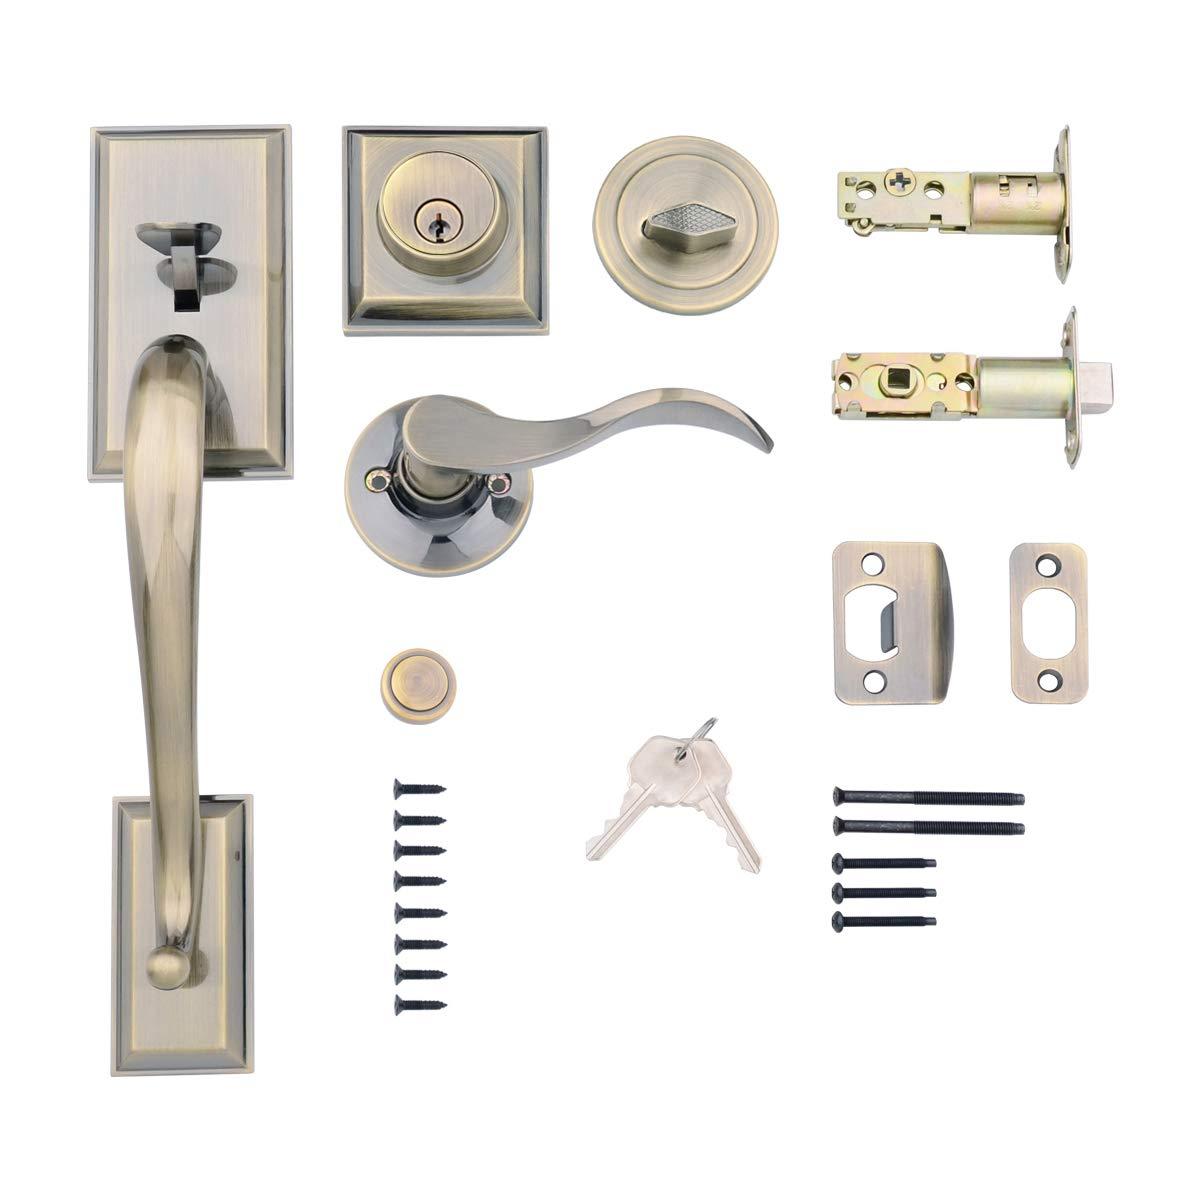 AmazonBasics Modern Exterior Door Handle with Left-Hand Wave Door Lever and Deadbolt Lock Set, Antique Brass